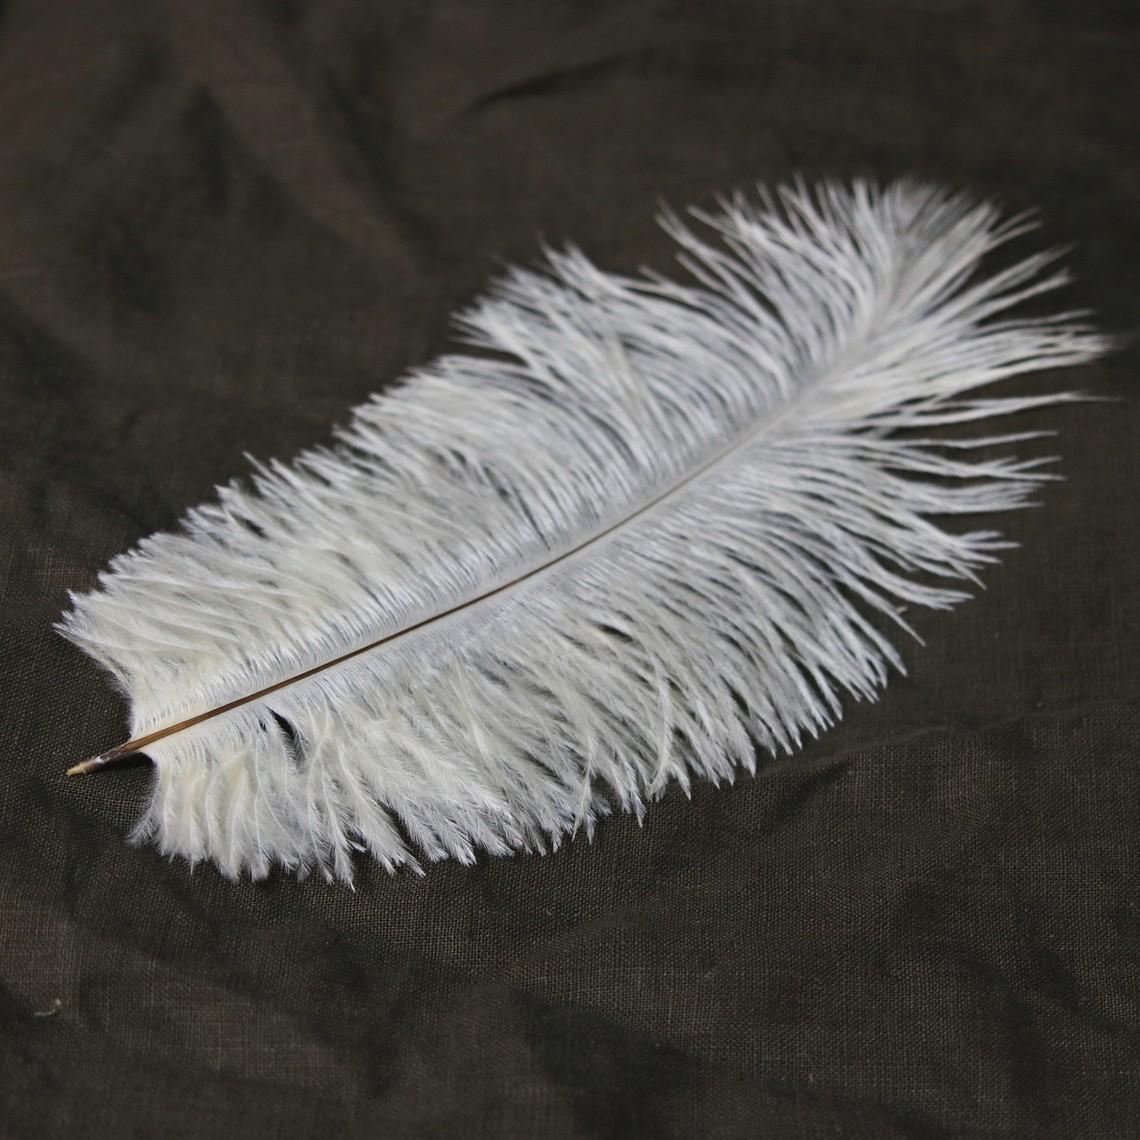 Cream feather, 20-25 cm